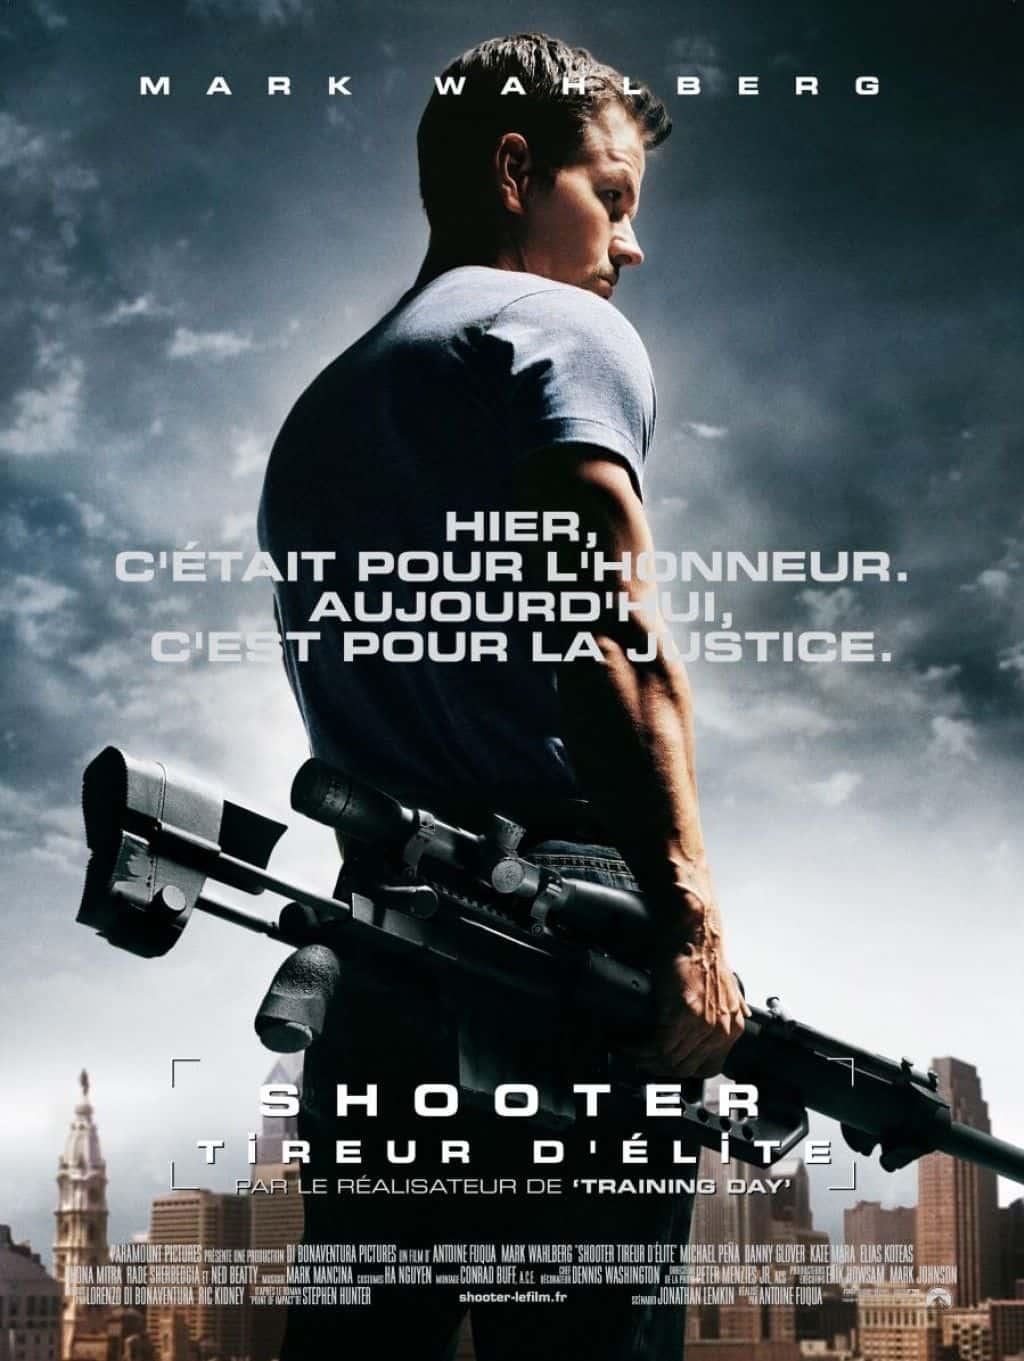 El tirador (shooter): todo el armamento de la película.